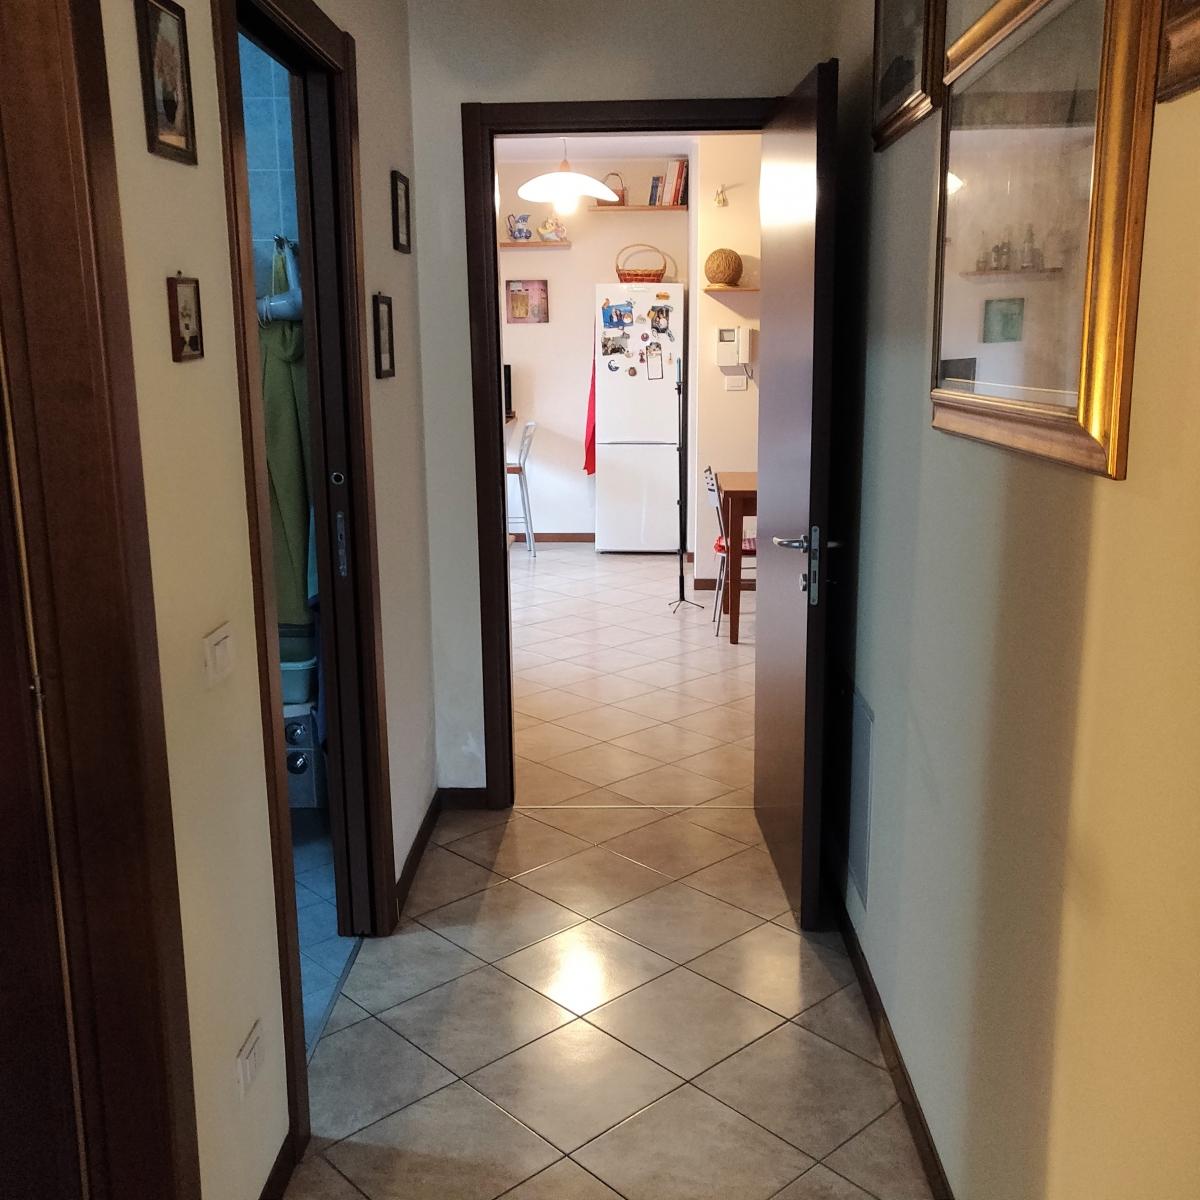 appartamento-in-vendita-milano-via-forze-armate-recente-costruzione-4-locali-spaziourbano-immobiliare-vende-30